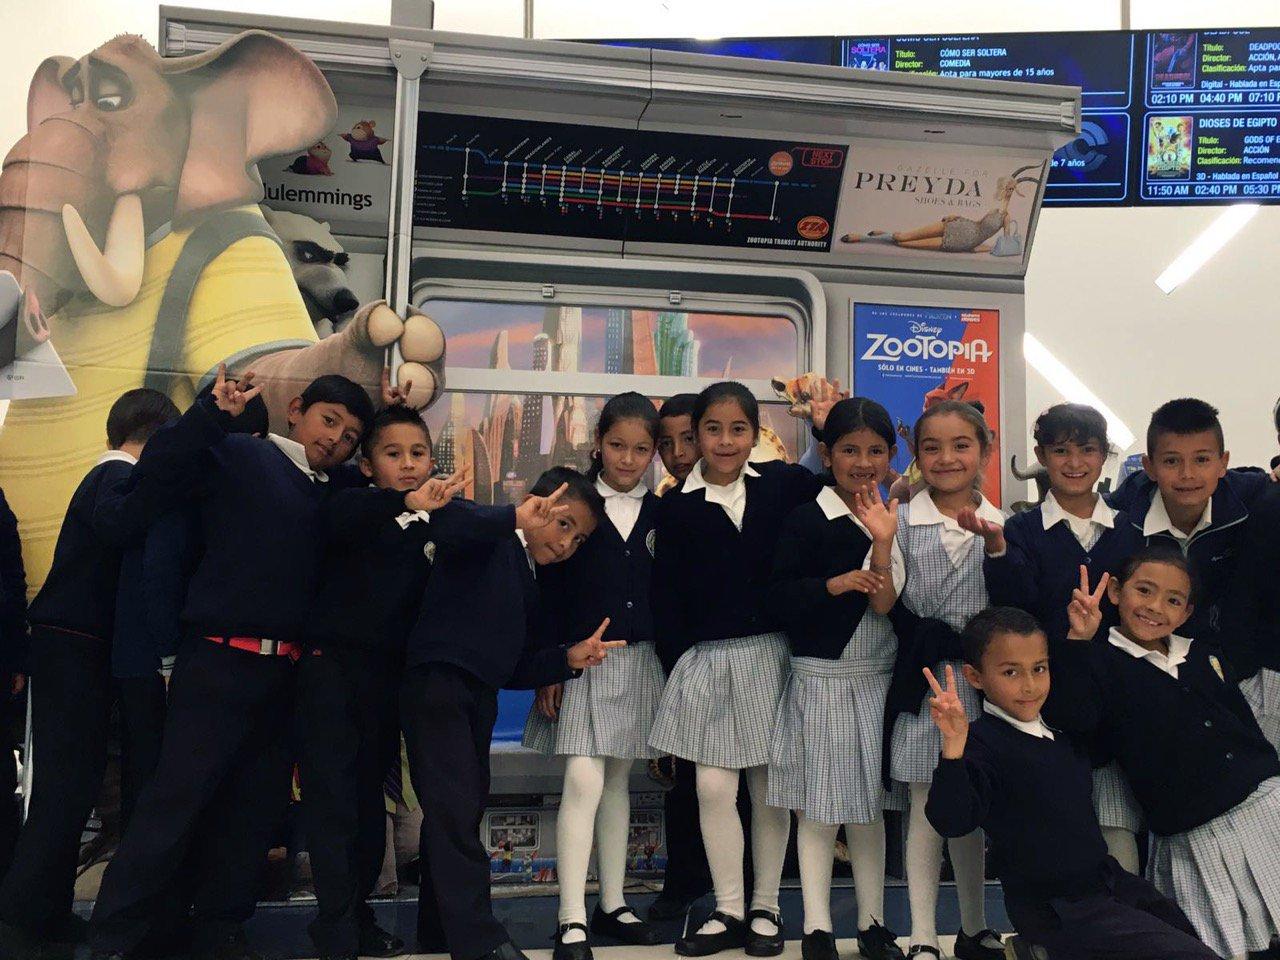 Hoy los alumnos de la @fpiesdescalzos vieron #Zootopia gracias a #CompromisoDisney! Cómo ven, están ZOOPER felices! https://t.co/gguHBcvGYT